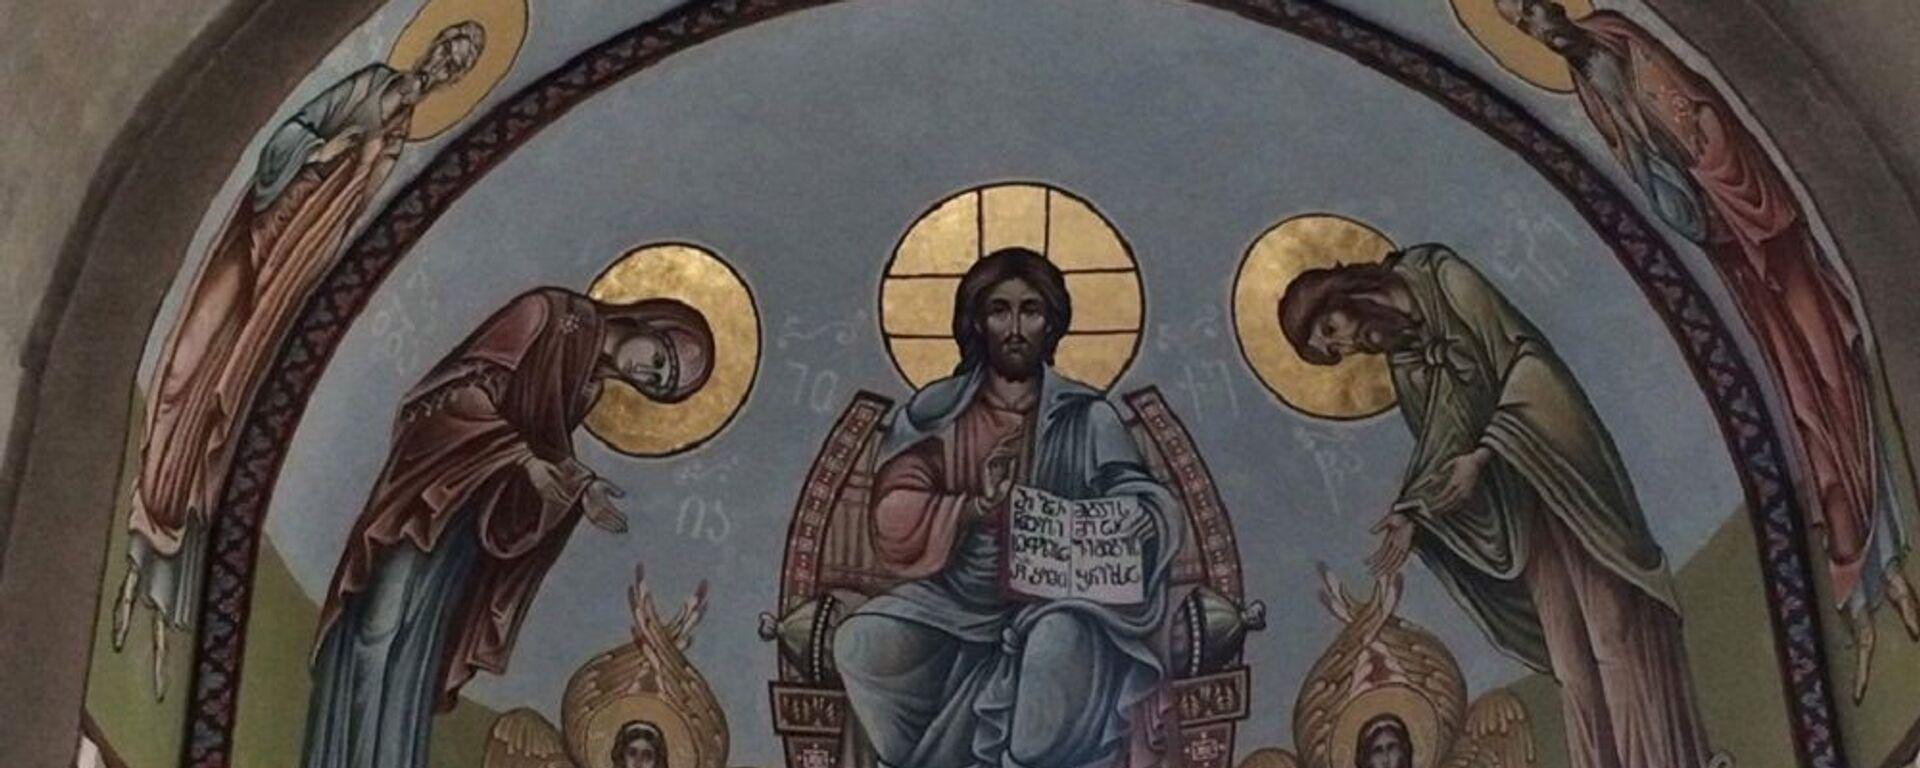 გიორგი გამთენაძის და გიორგი ყვავაძის მიერ მოხატული ტყიბულის წმინდა გიორგის სახელობის ეკლესია - Sputnik საქართველო, 1920, 26.09.2021